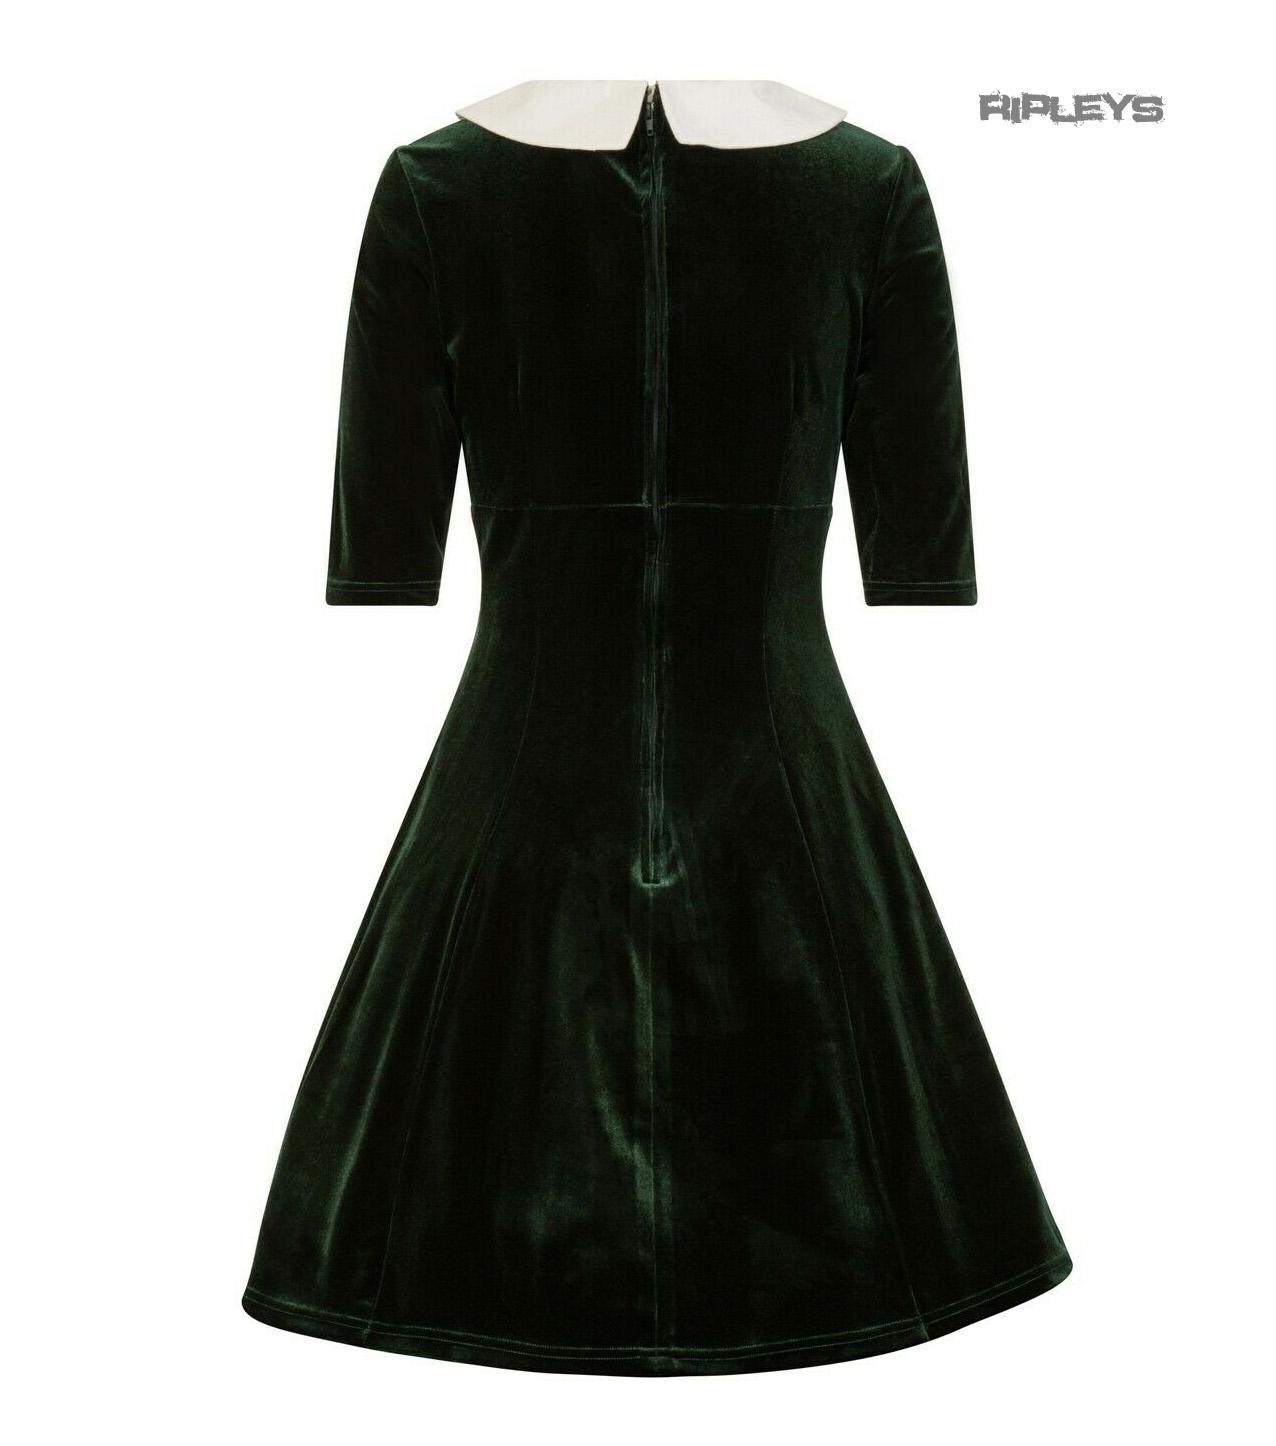 Hell-Bunny-Mini-Skater-Dress-Festive-Christmas-NICOLA-Green-Velvet-All-Sizes thumbnail 16